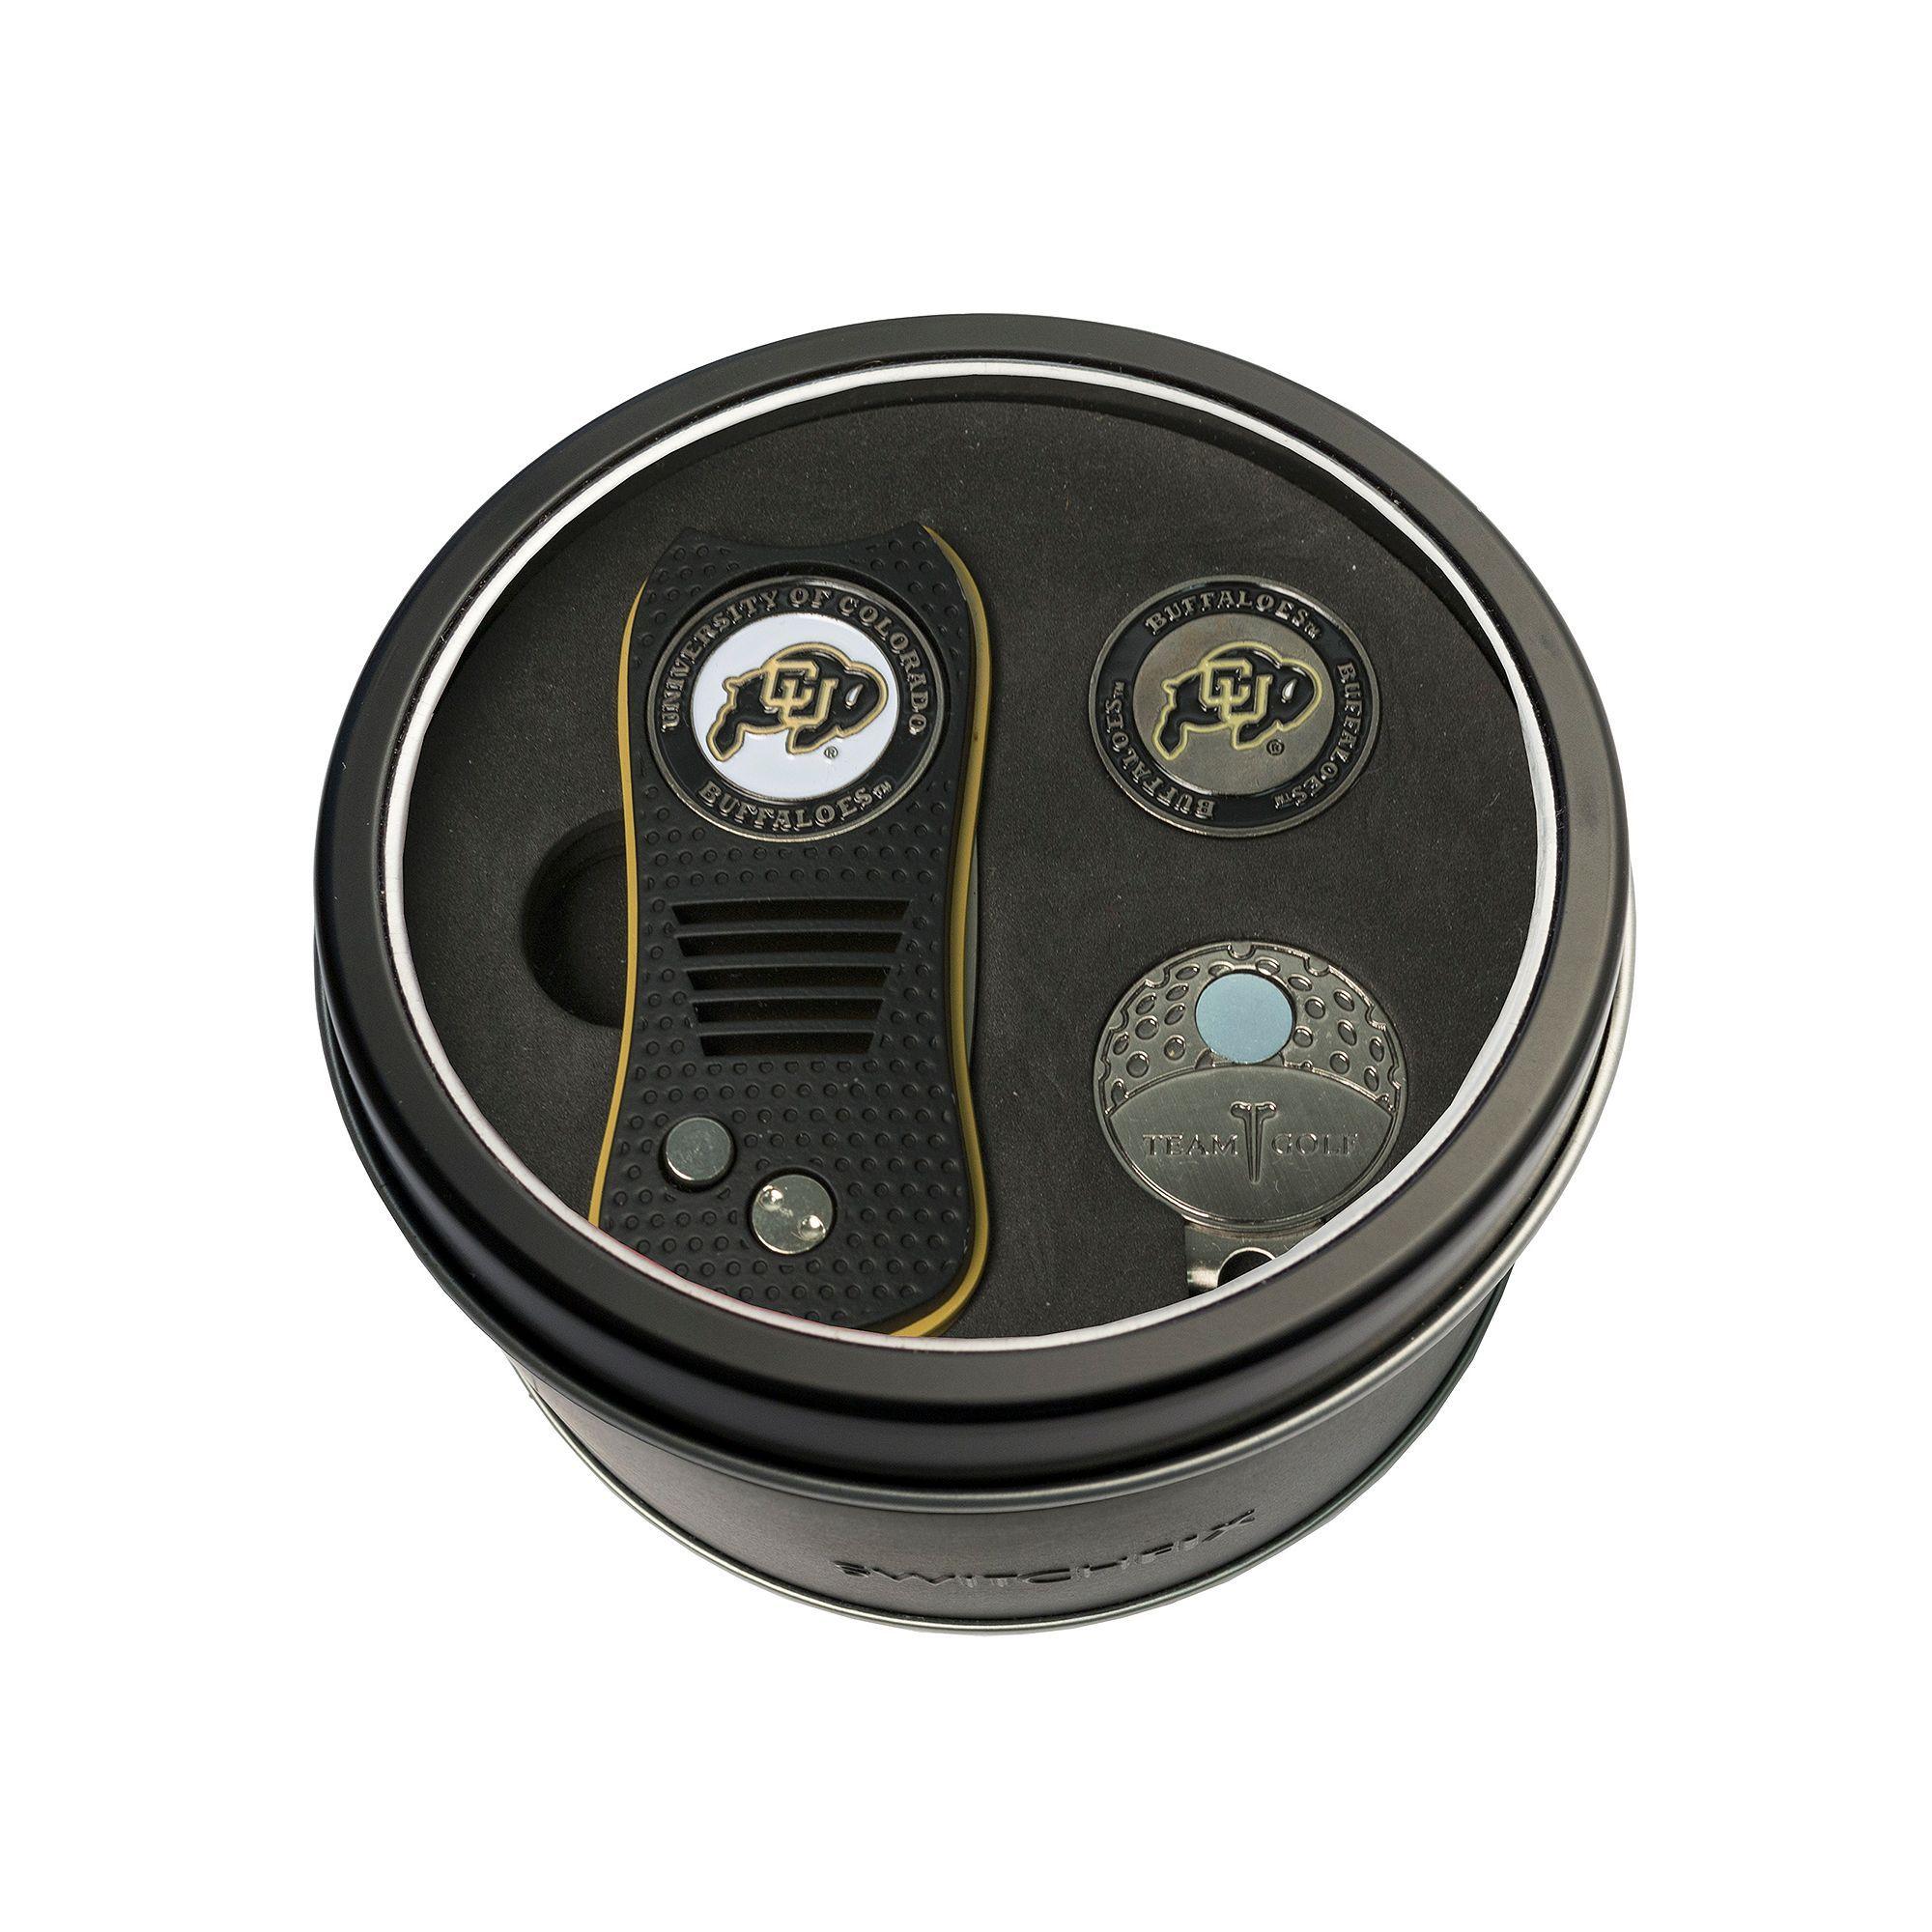 Oem Valeo Ac Compressor Fits Ford 00 02 20l L4 1989cc 121 Cid Fs10 Kompressor Vw Golf Cvh 10000542 And Products